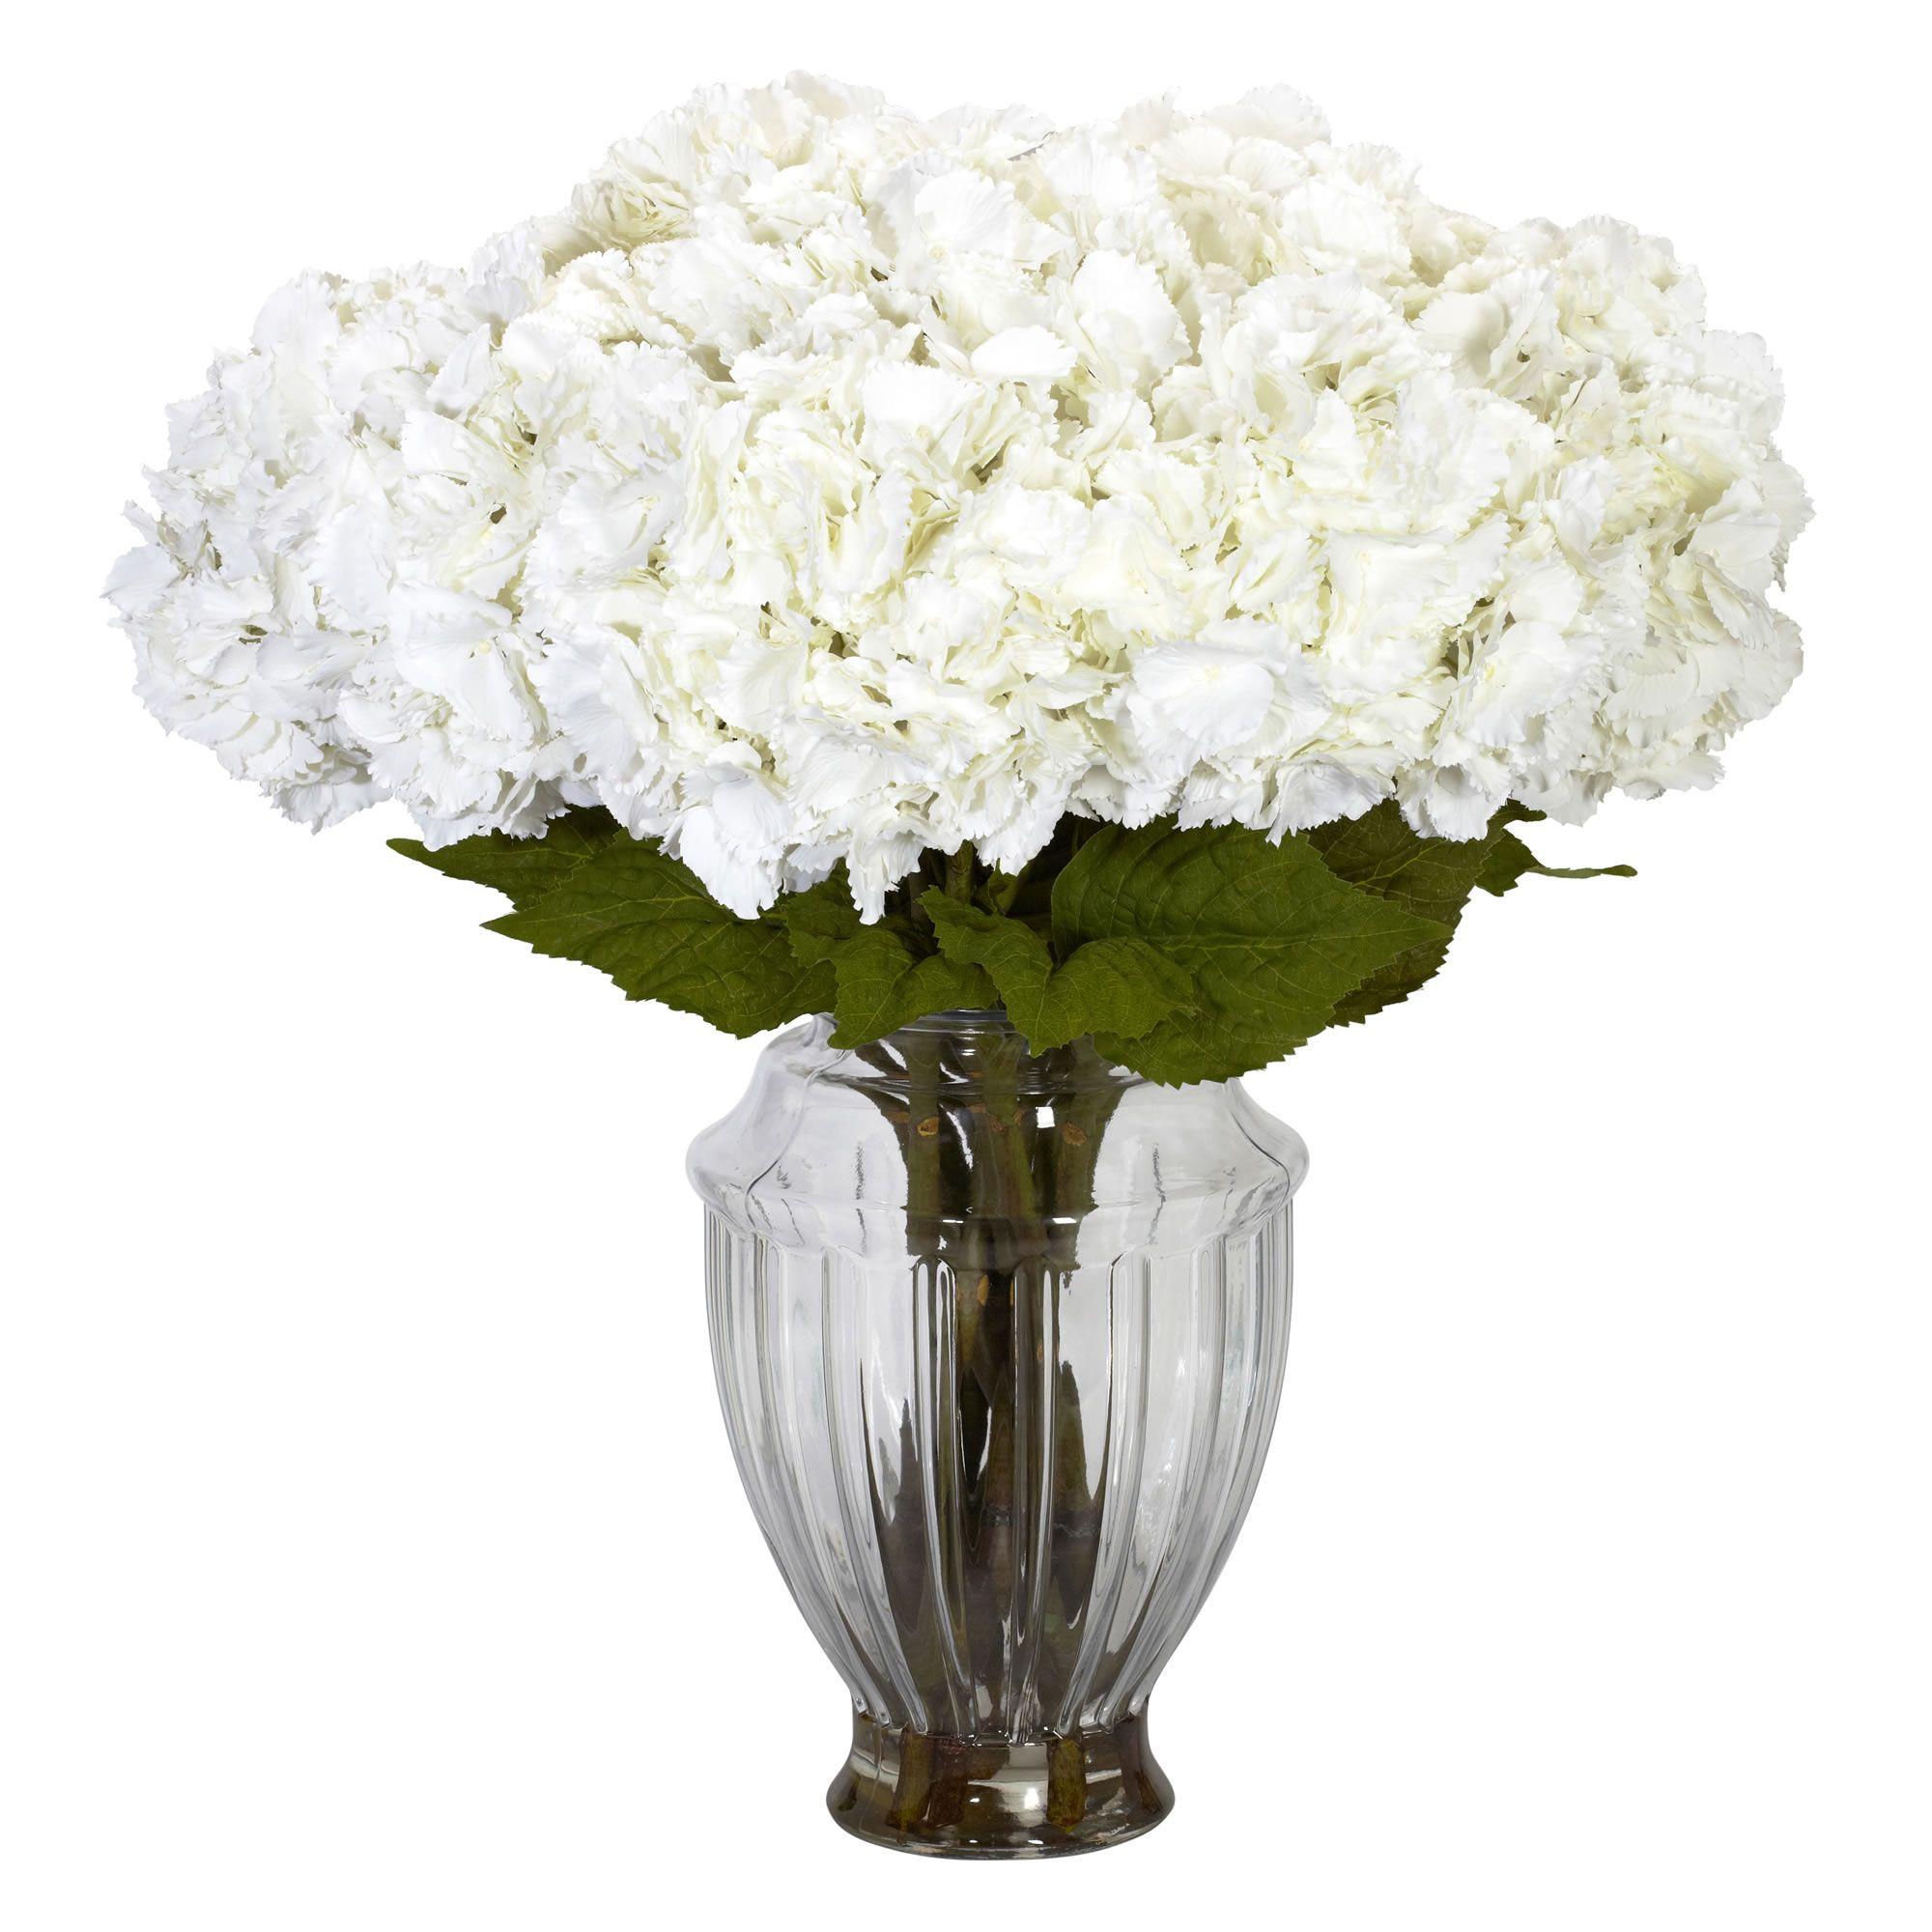 Large Hydrangea W European Vase Silk Flower Arrangement Silk Hydrangeas Arrangements Silk Flower Arrangements Hydrangea Arrangements